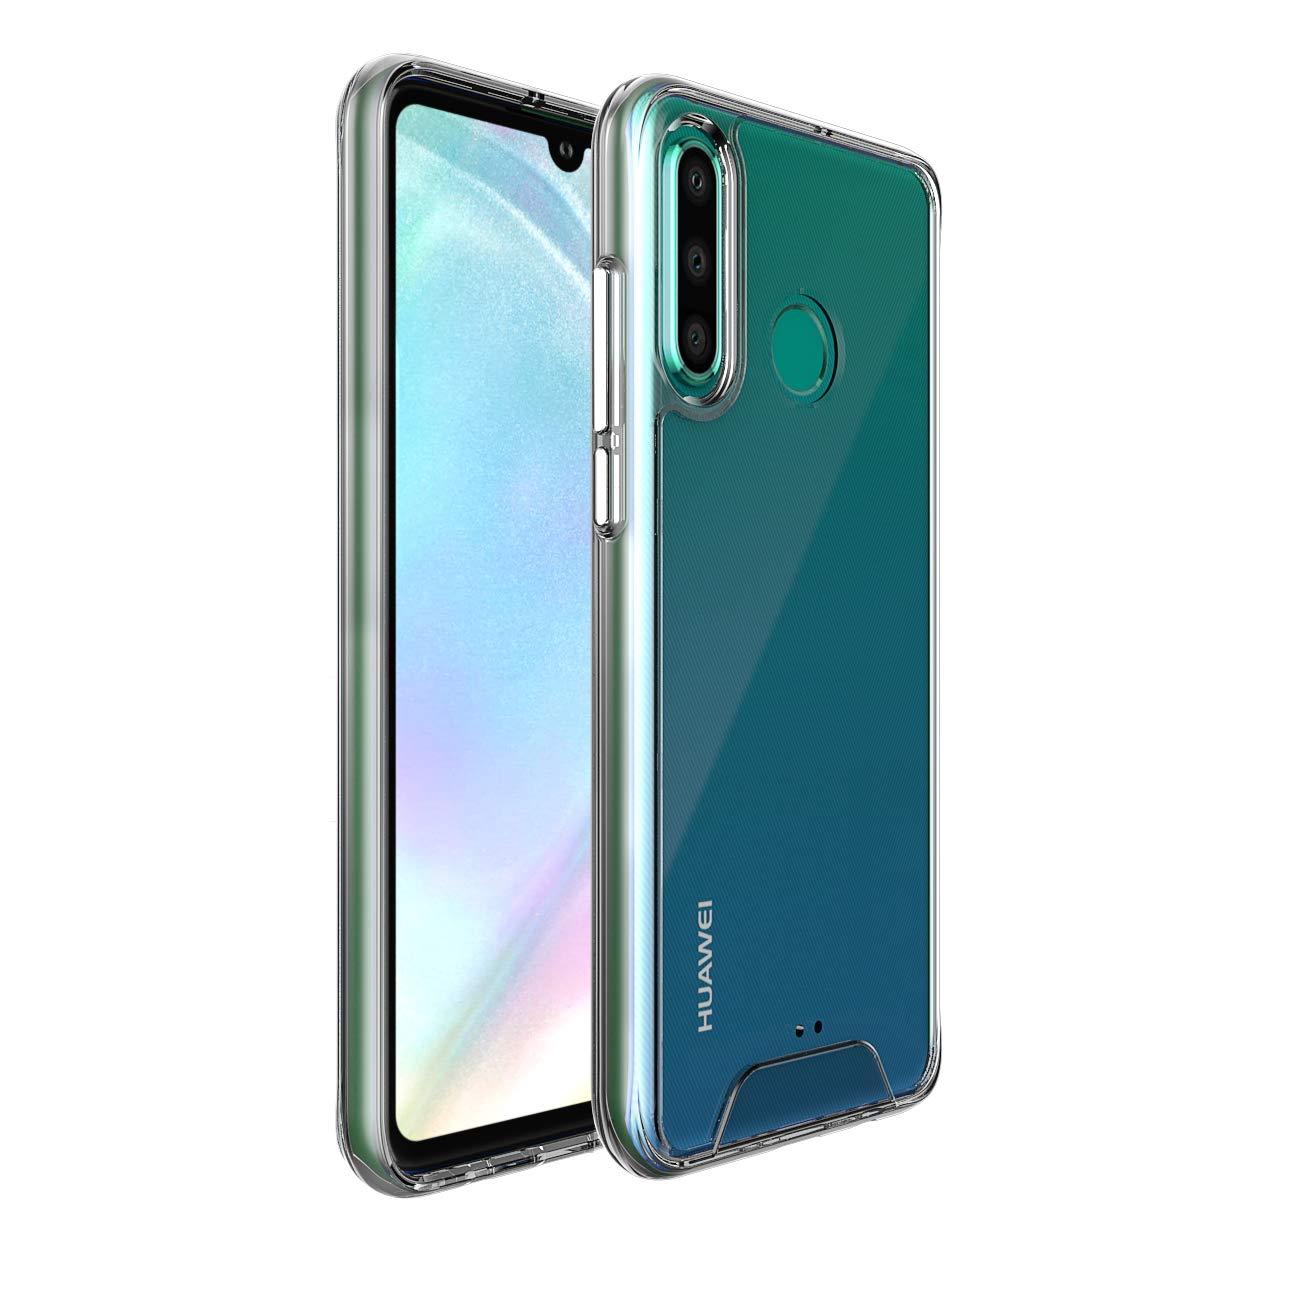 Funda Para Huawei P30 Umaple (7qzlcq84)